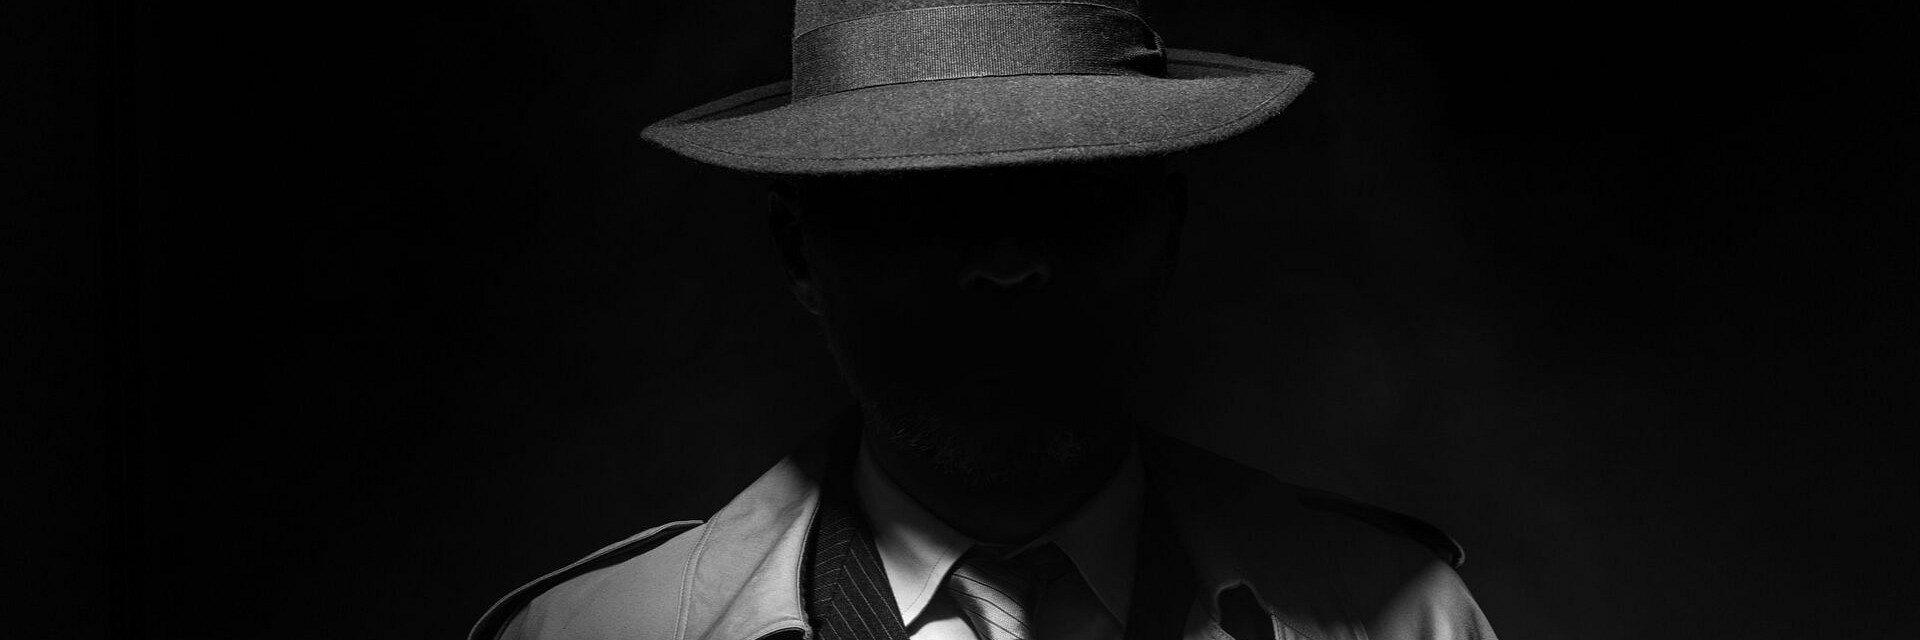 """Mafia lekowa w programie """"Superwizjer"""" - inspektorzy są zastraszeni, przestępcy bezkarni."""